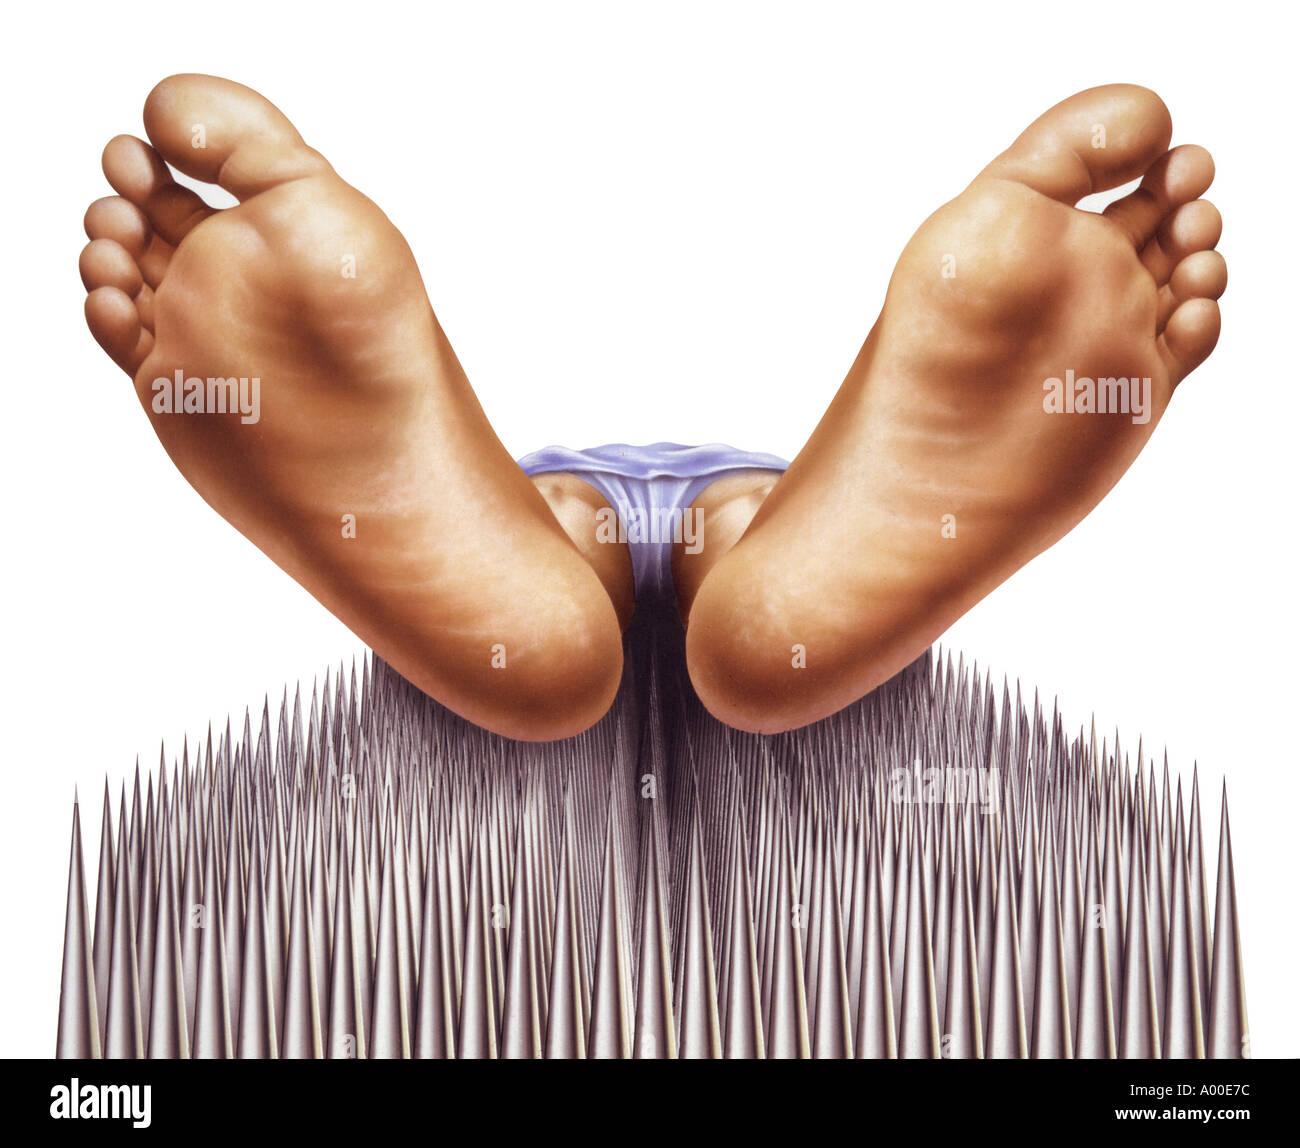 El Fakir clavos cama con pies de cerca Imagen De Stock